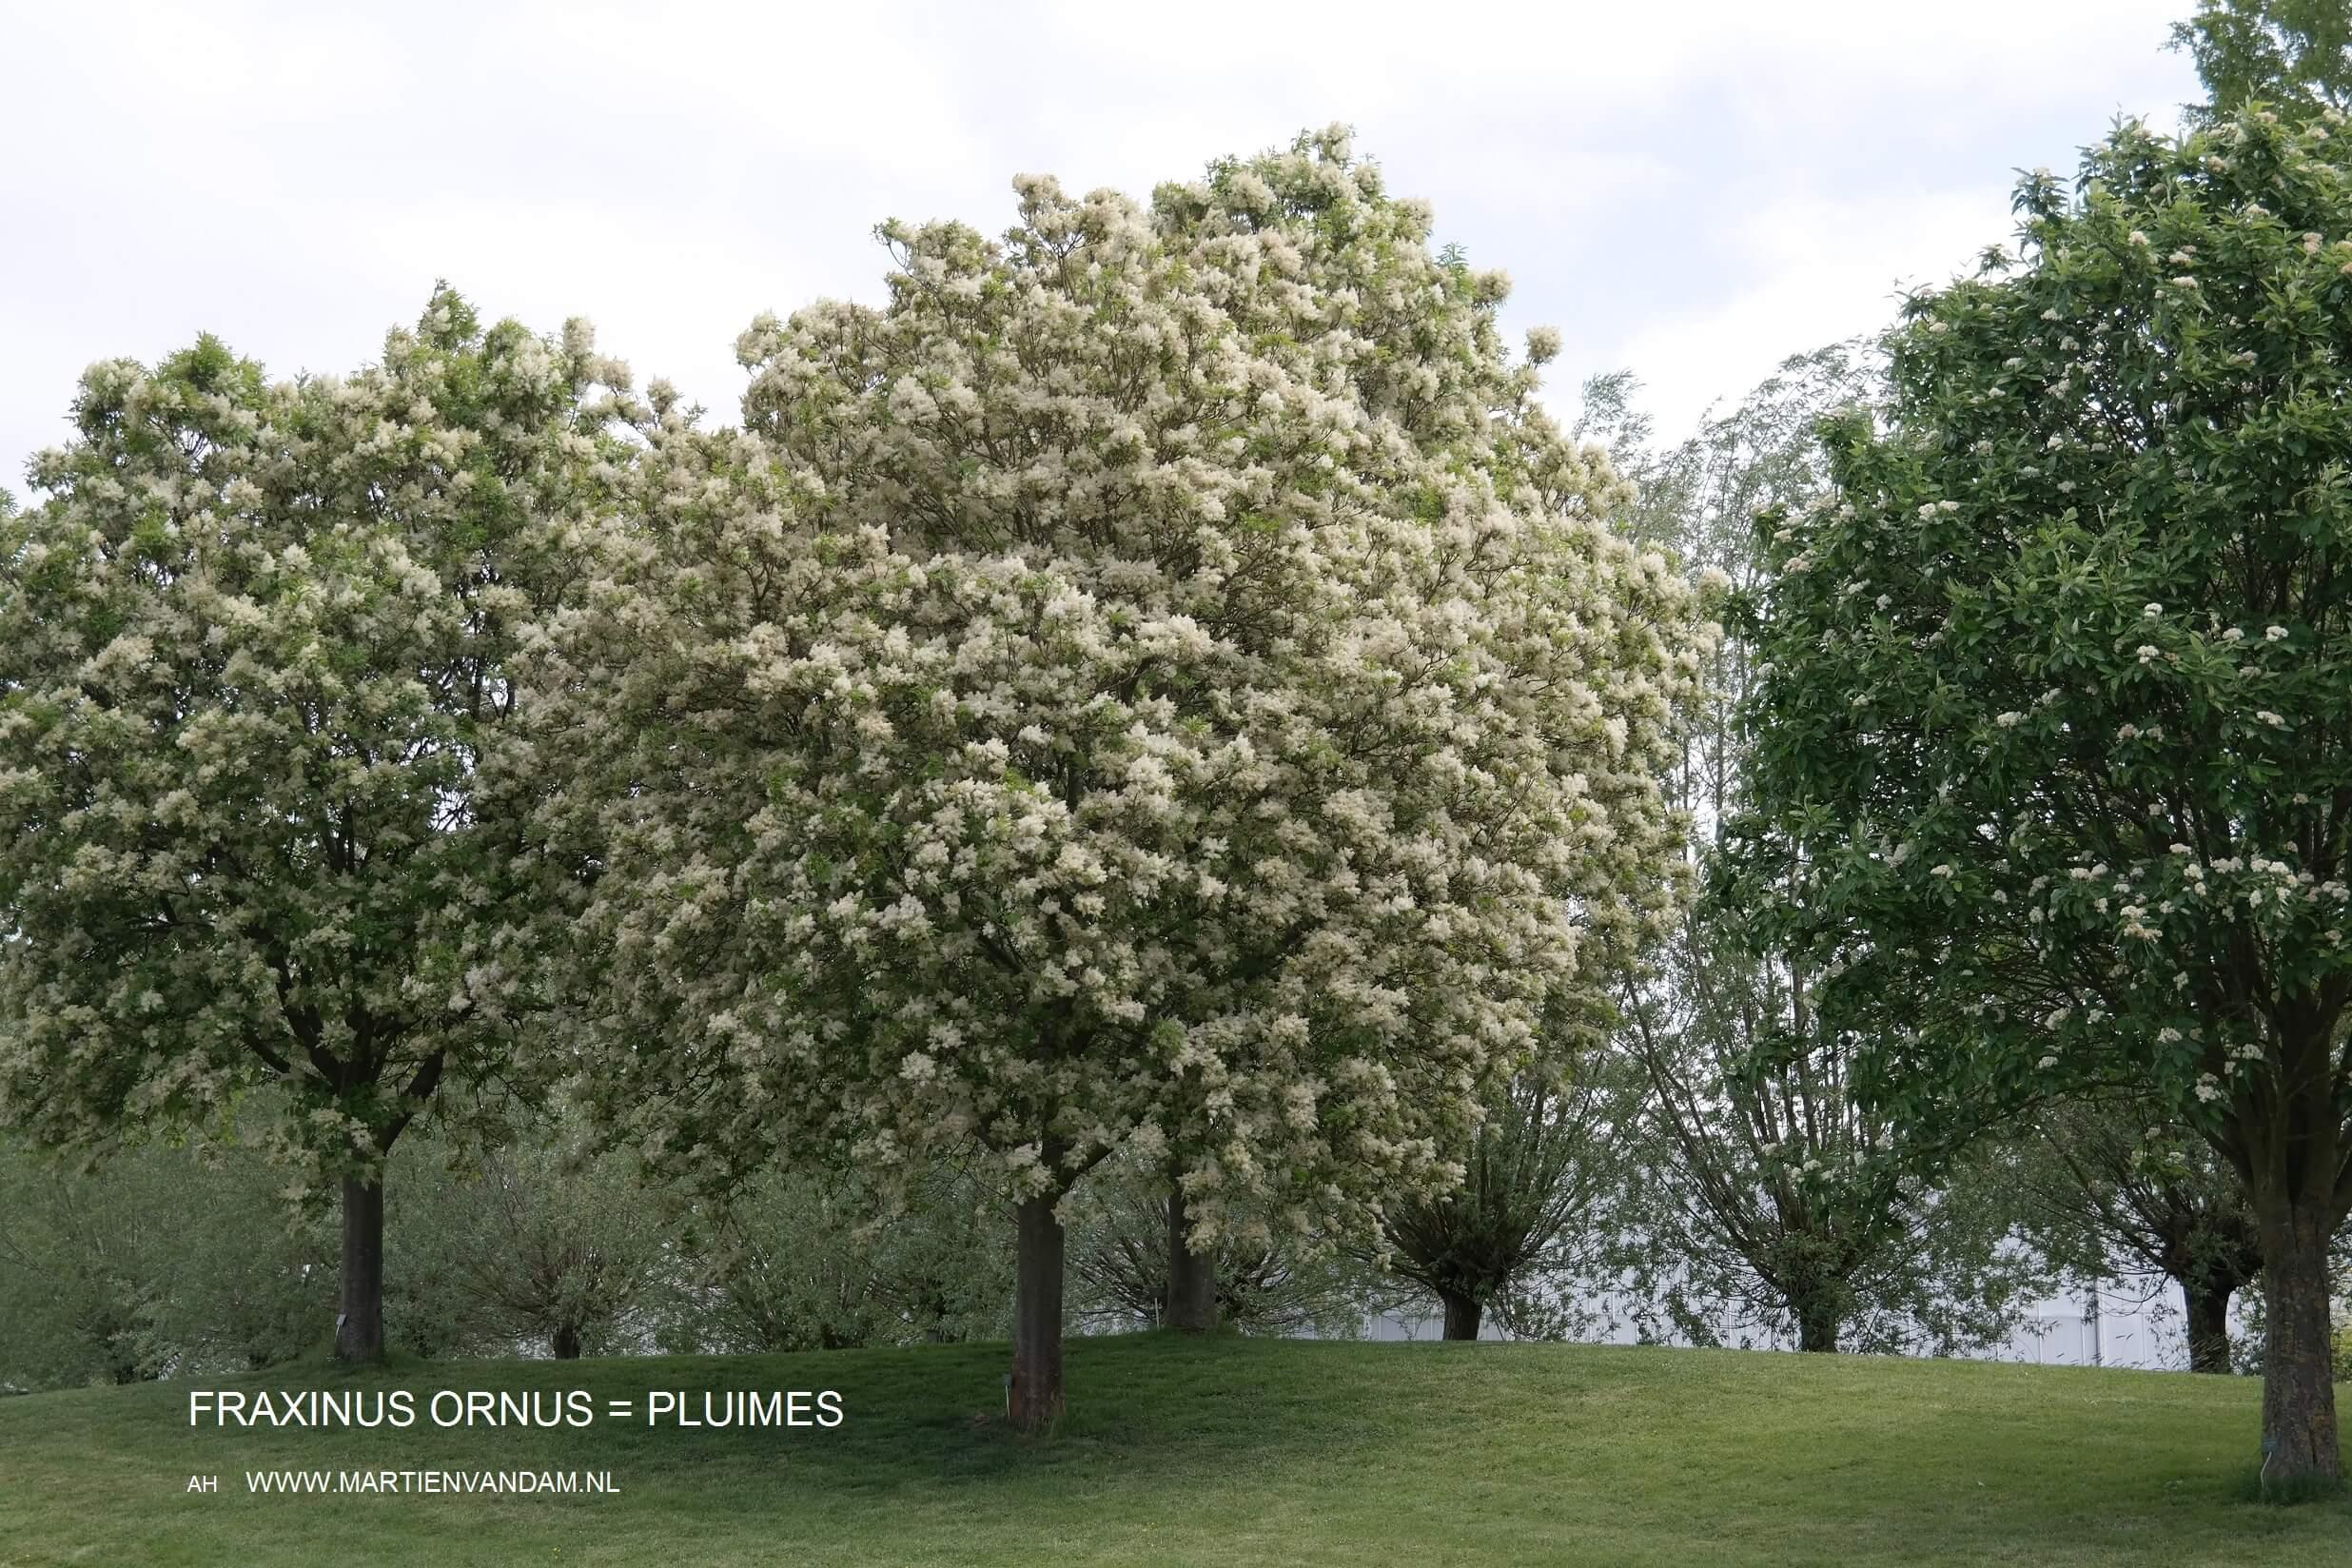 Aarden Badkamer Verplicht : Bomen de longen van de aarde. ik woon fijn